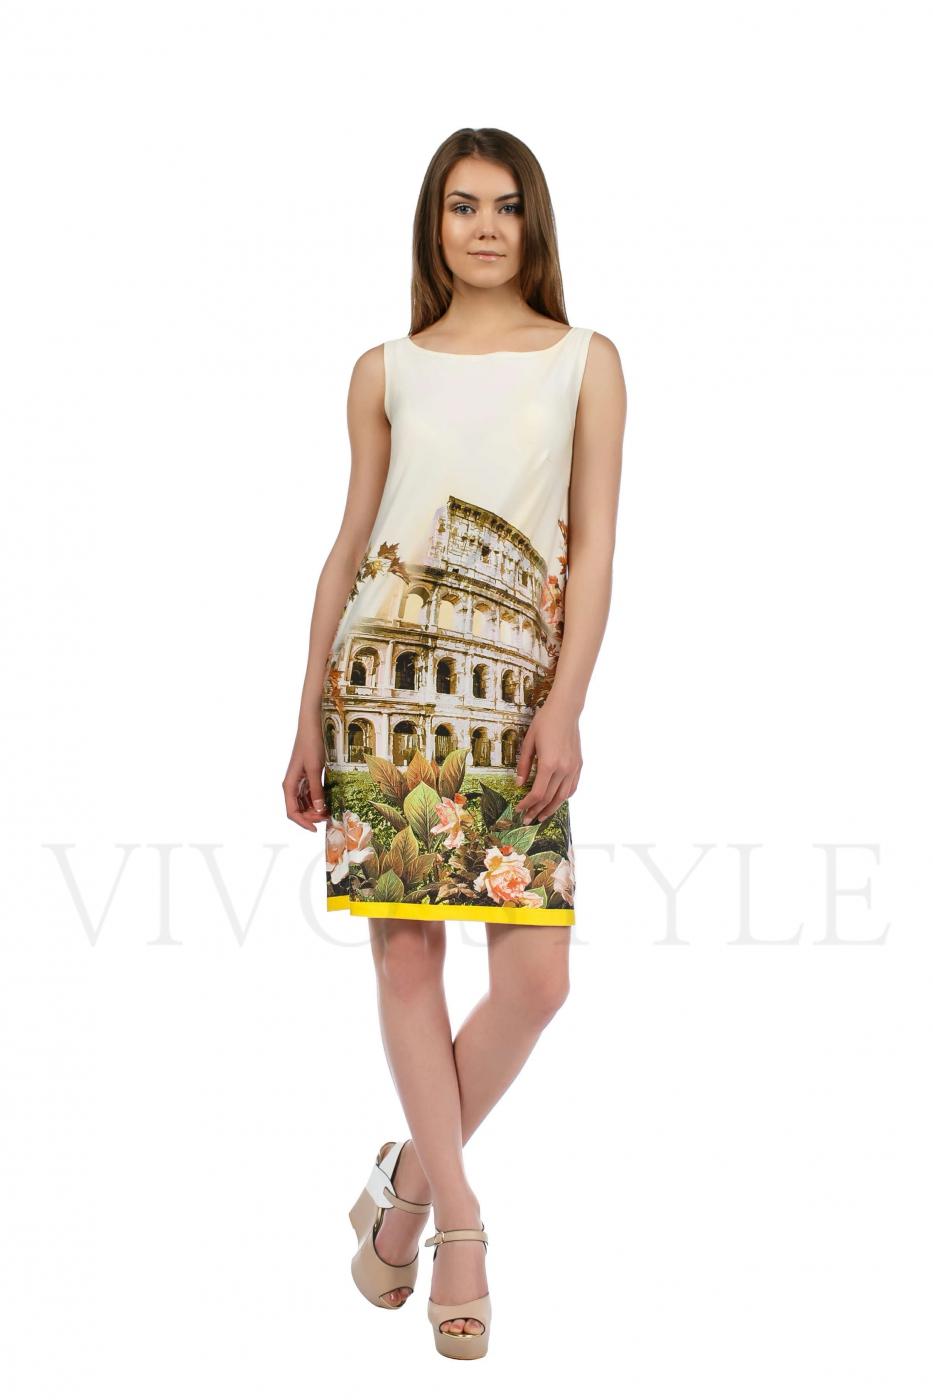 Платьесрисунком Колизей